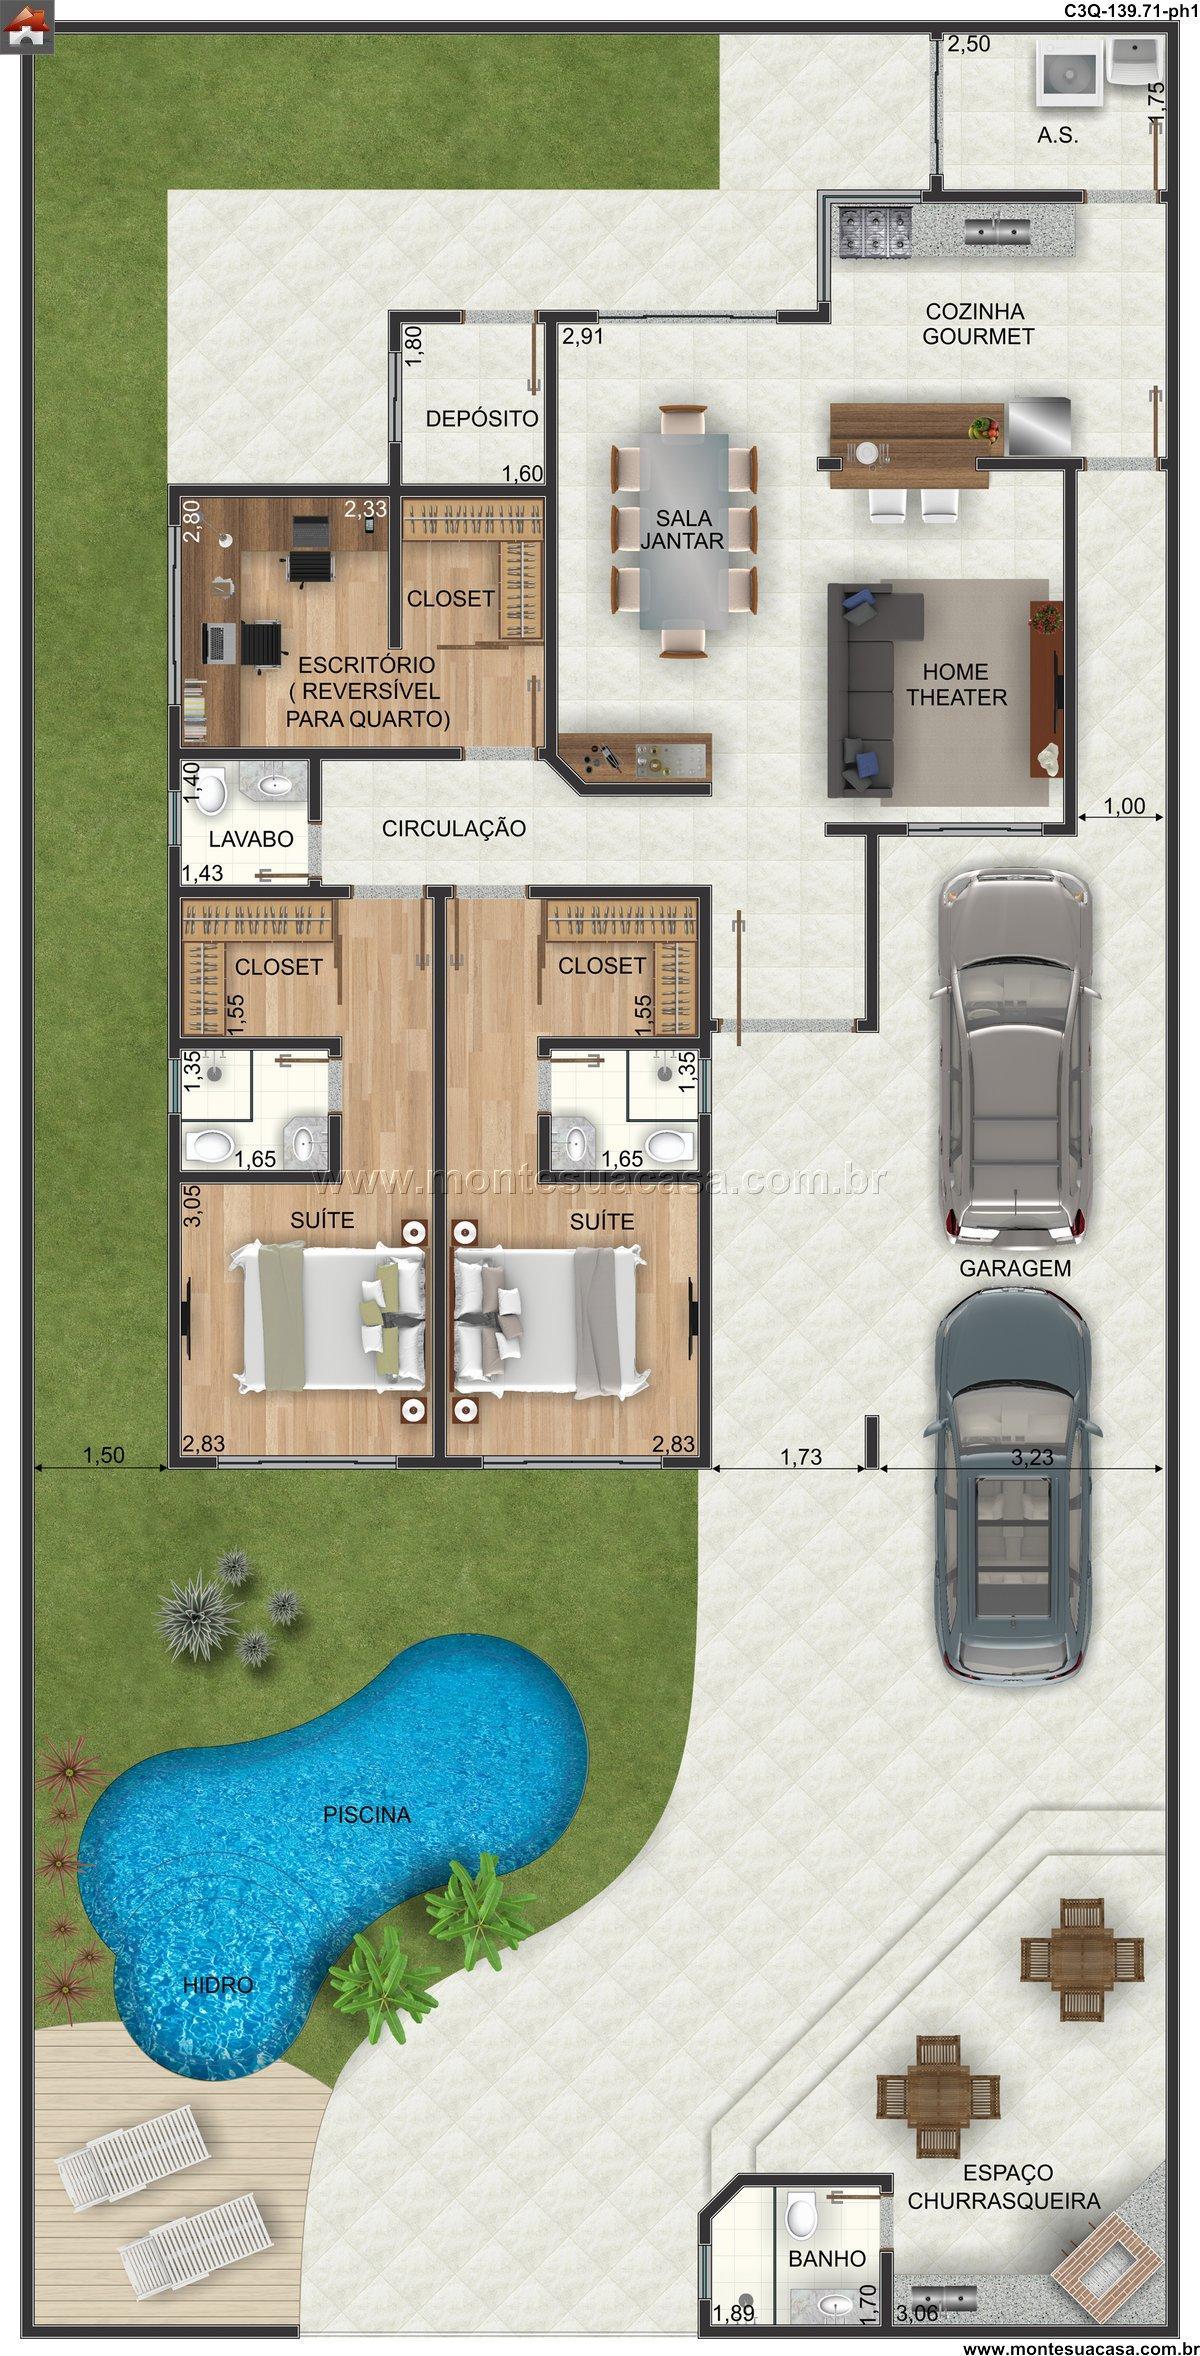 Casa 1 Quartos - 139.71m²